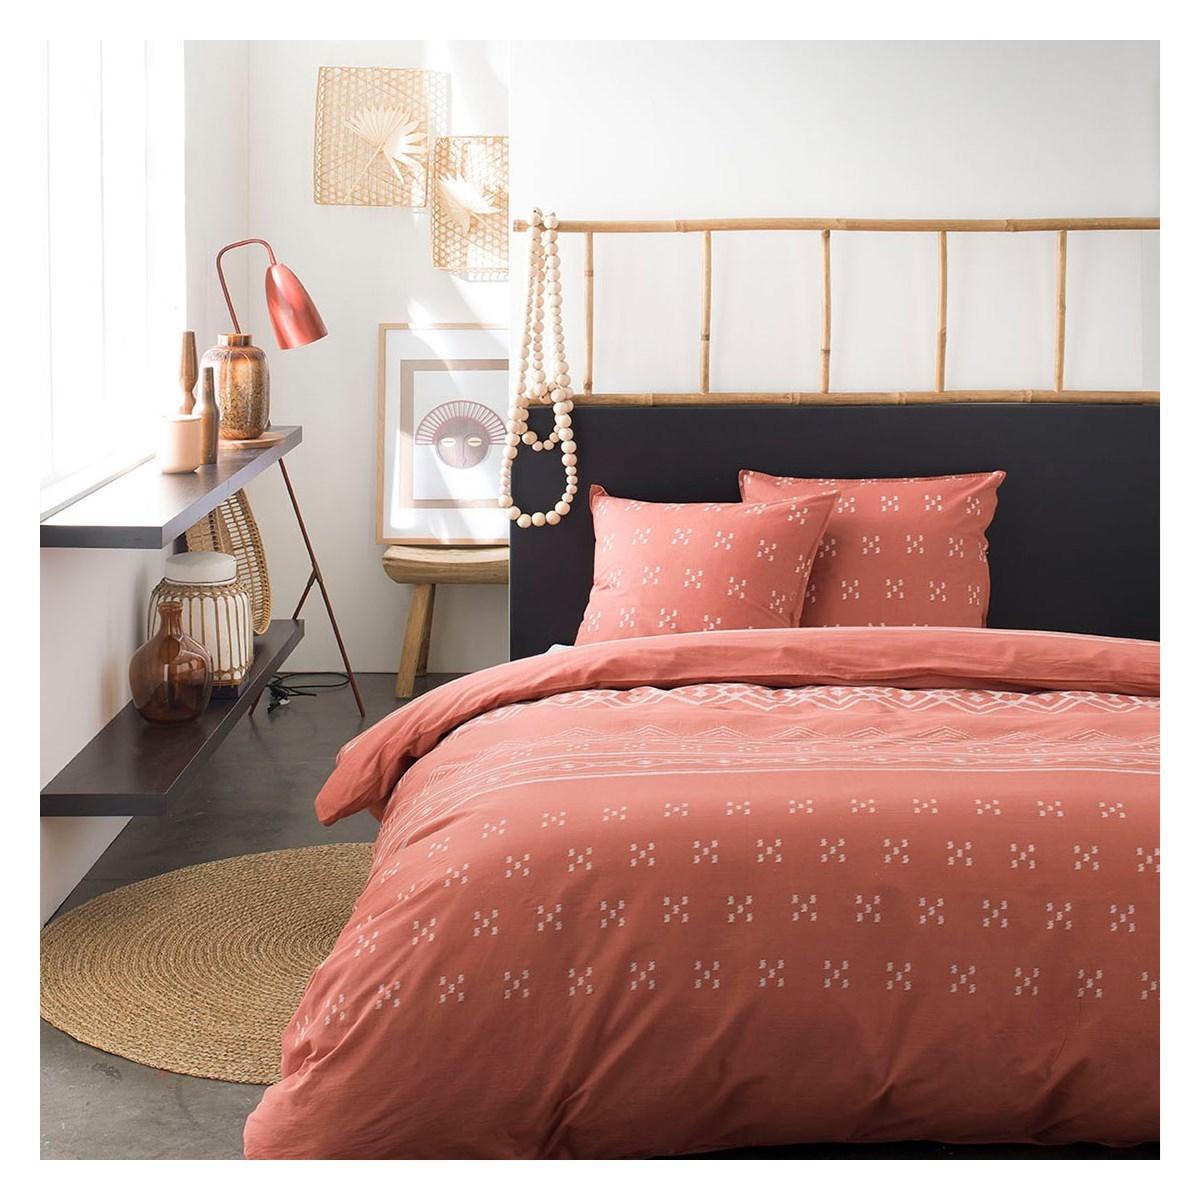 Parure de lit 2 personnes imprimé en Coton Orange 240x260 cm